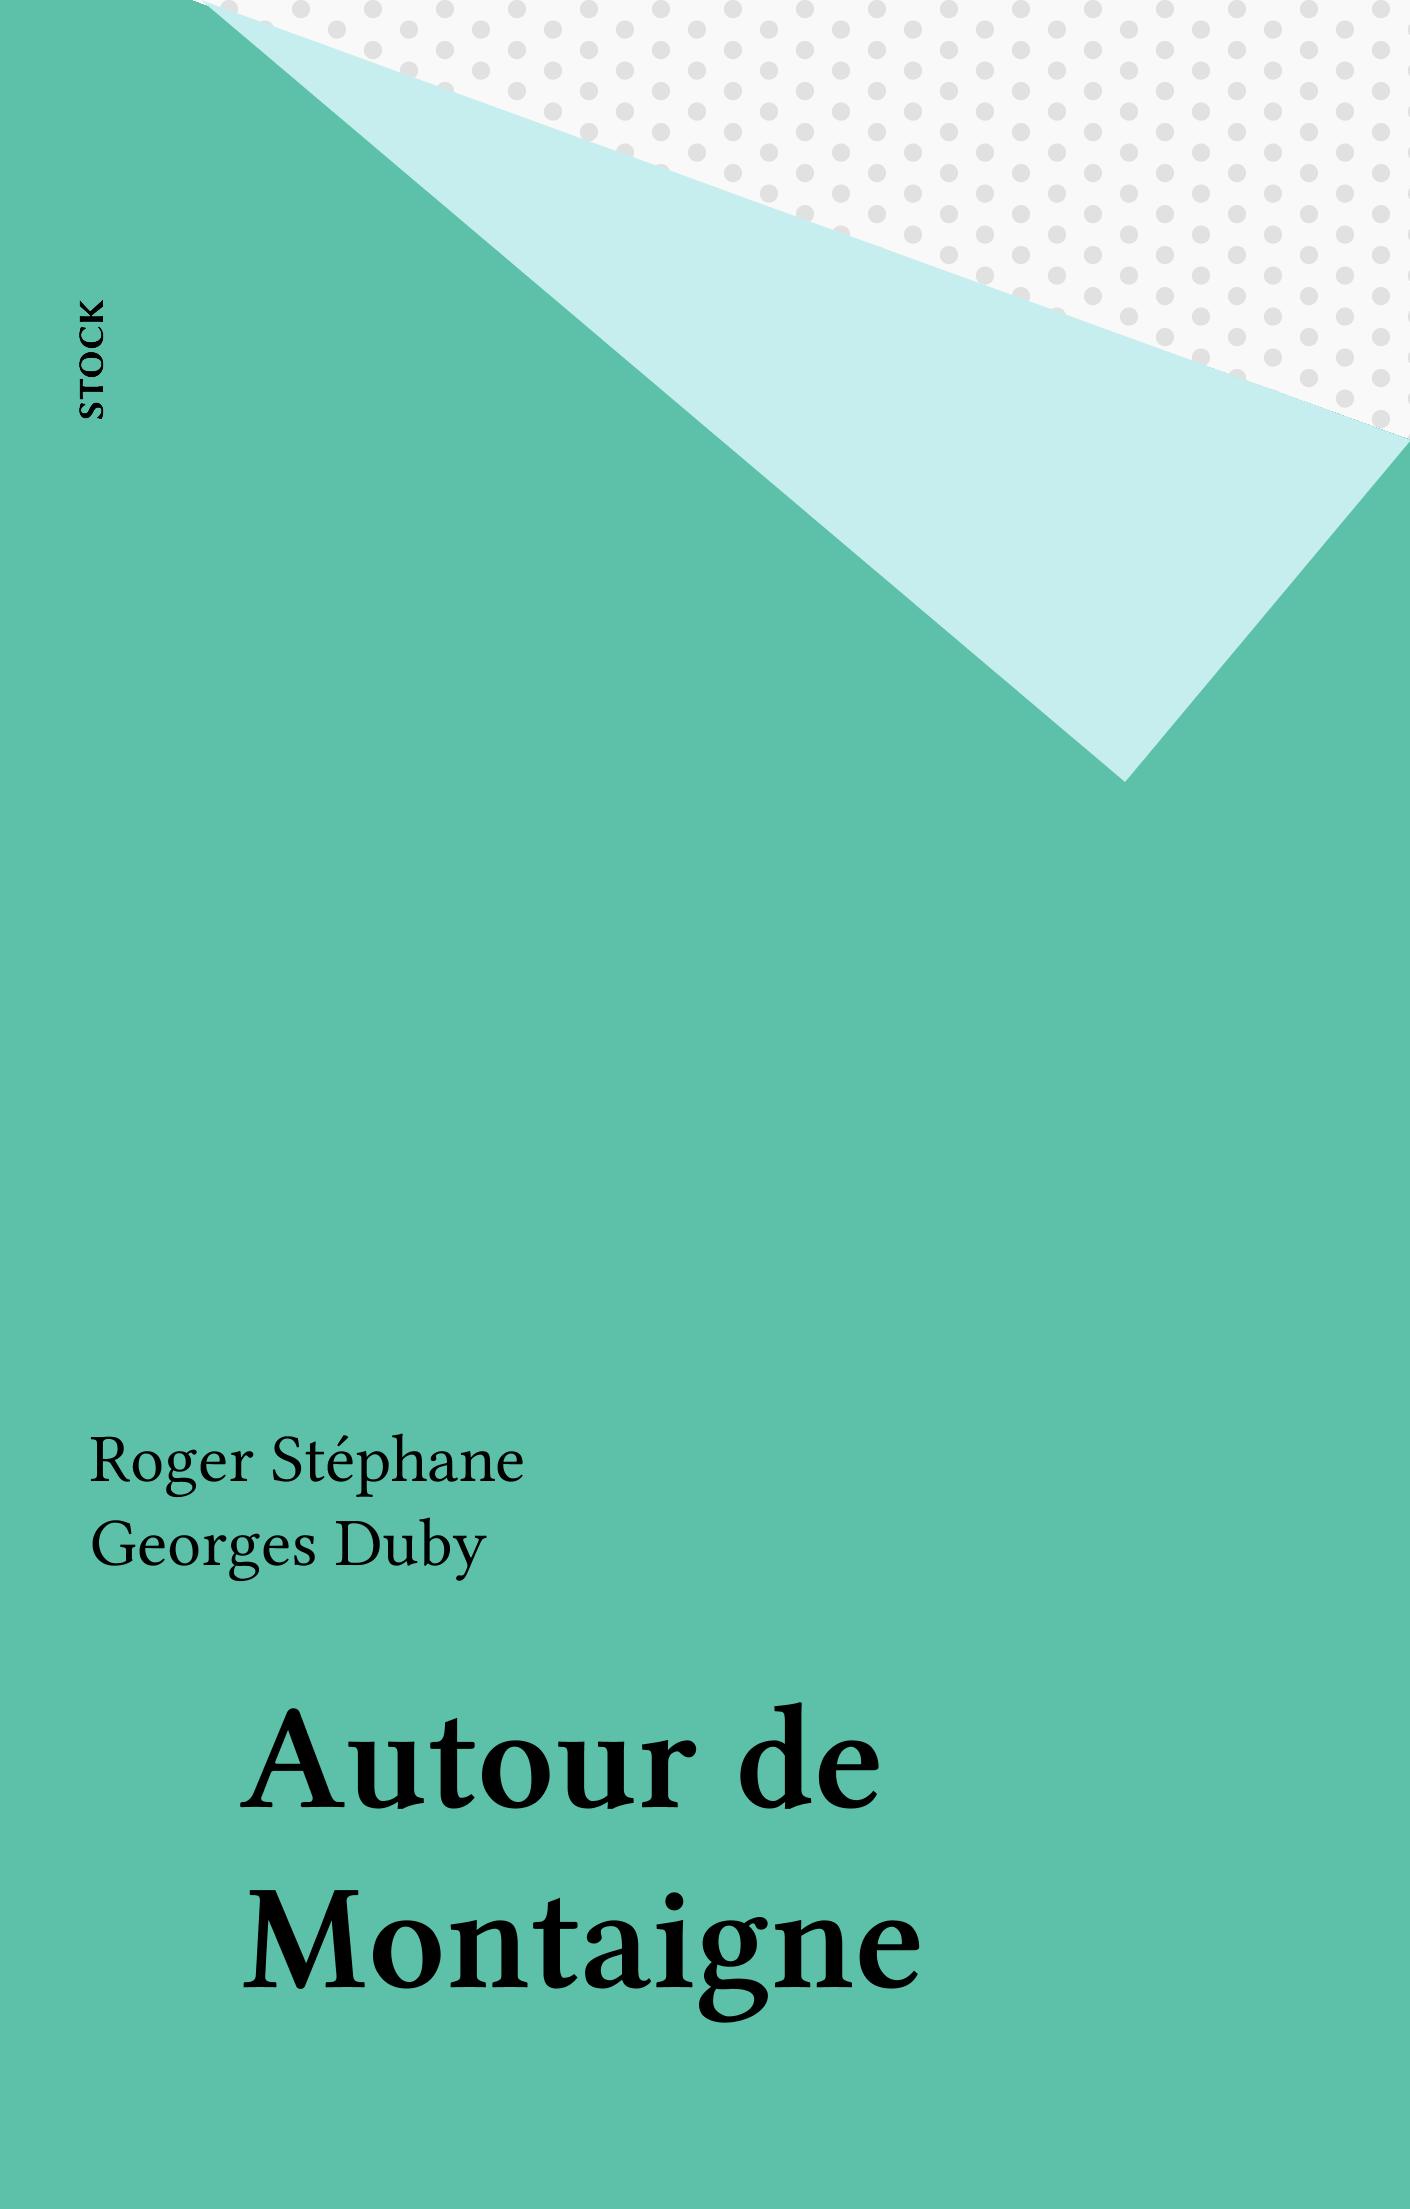 Autour de Montaigne